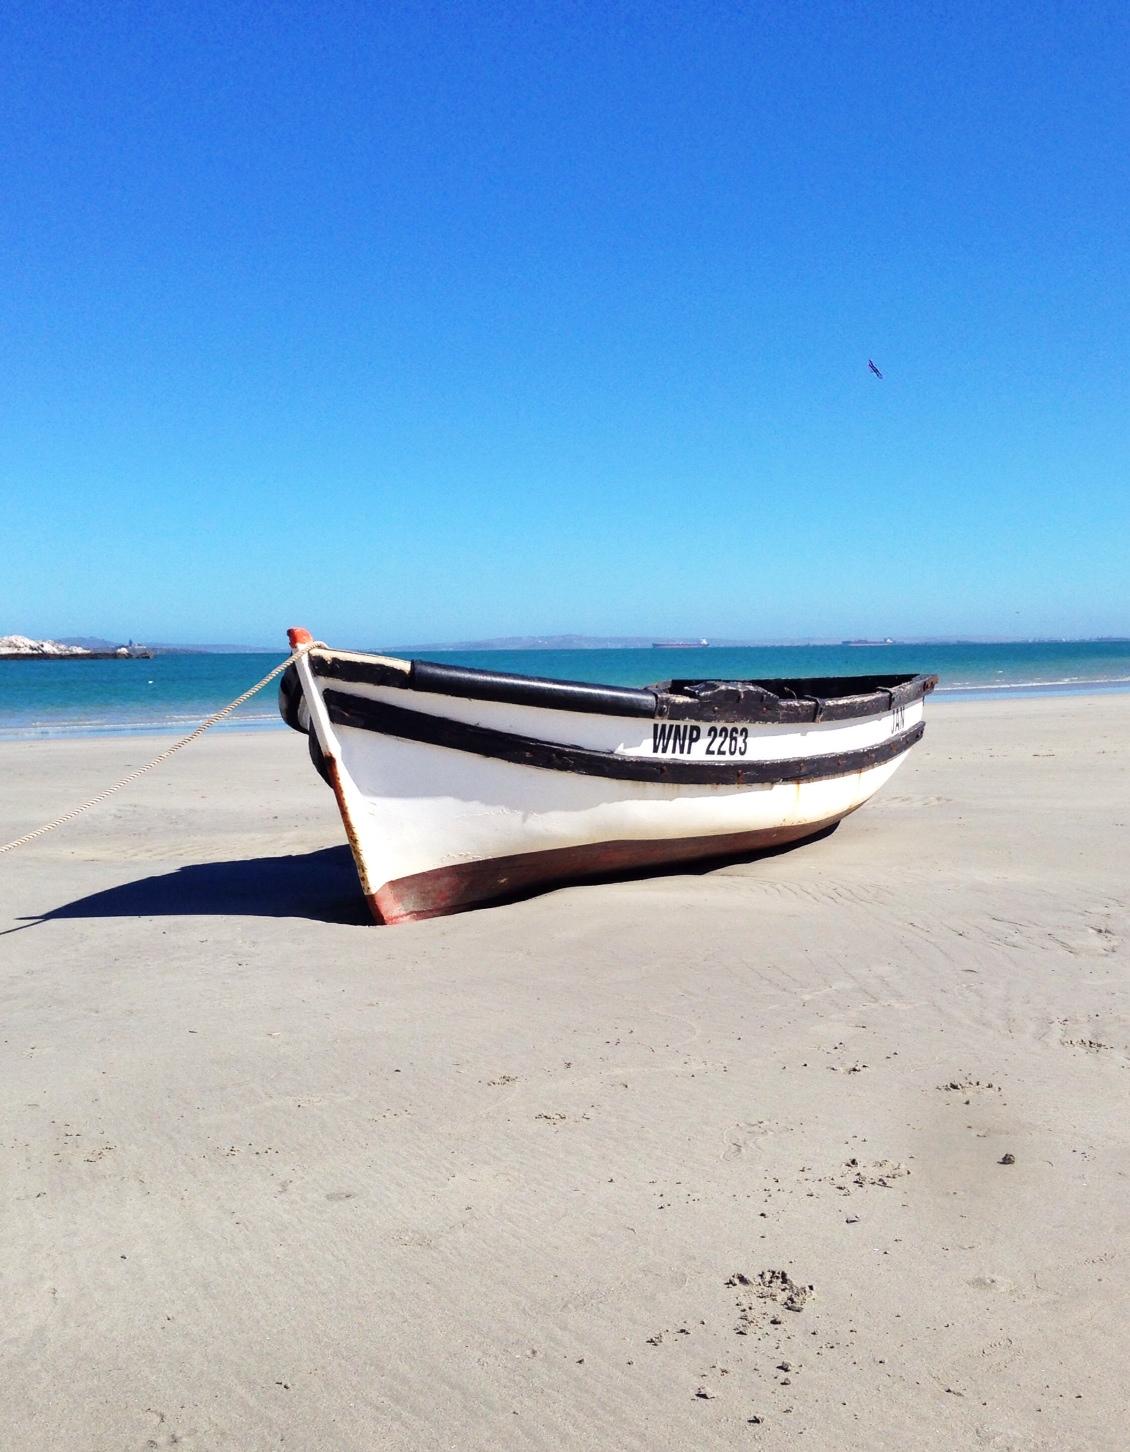 Boat on the Langebaan Beach shore